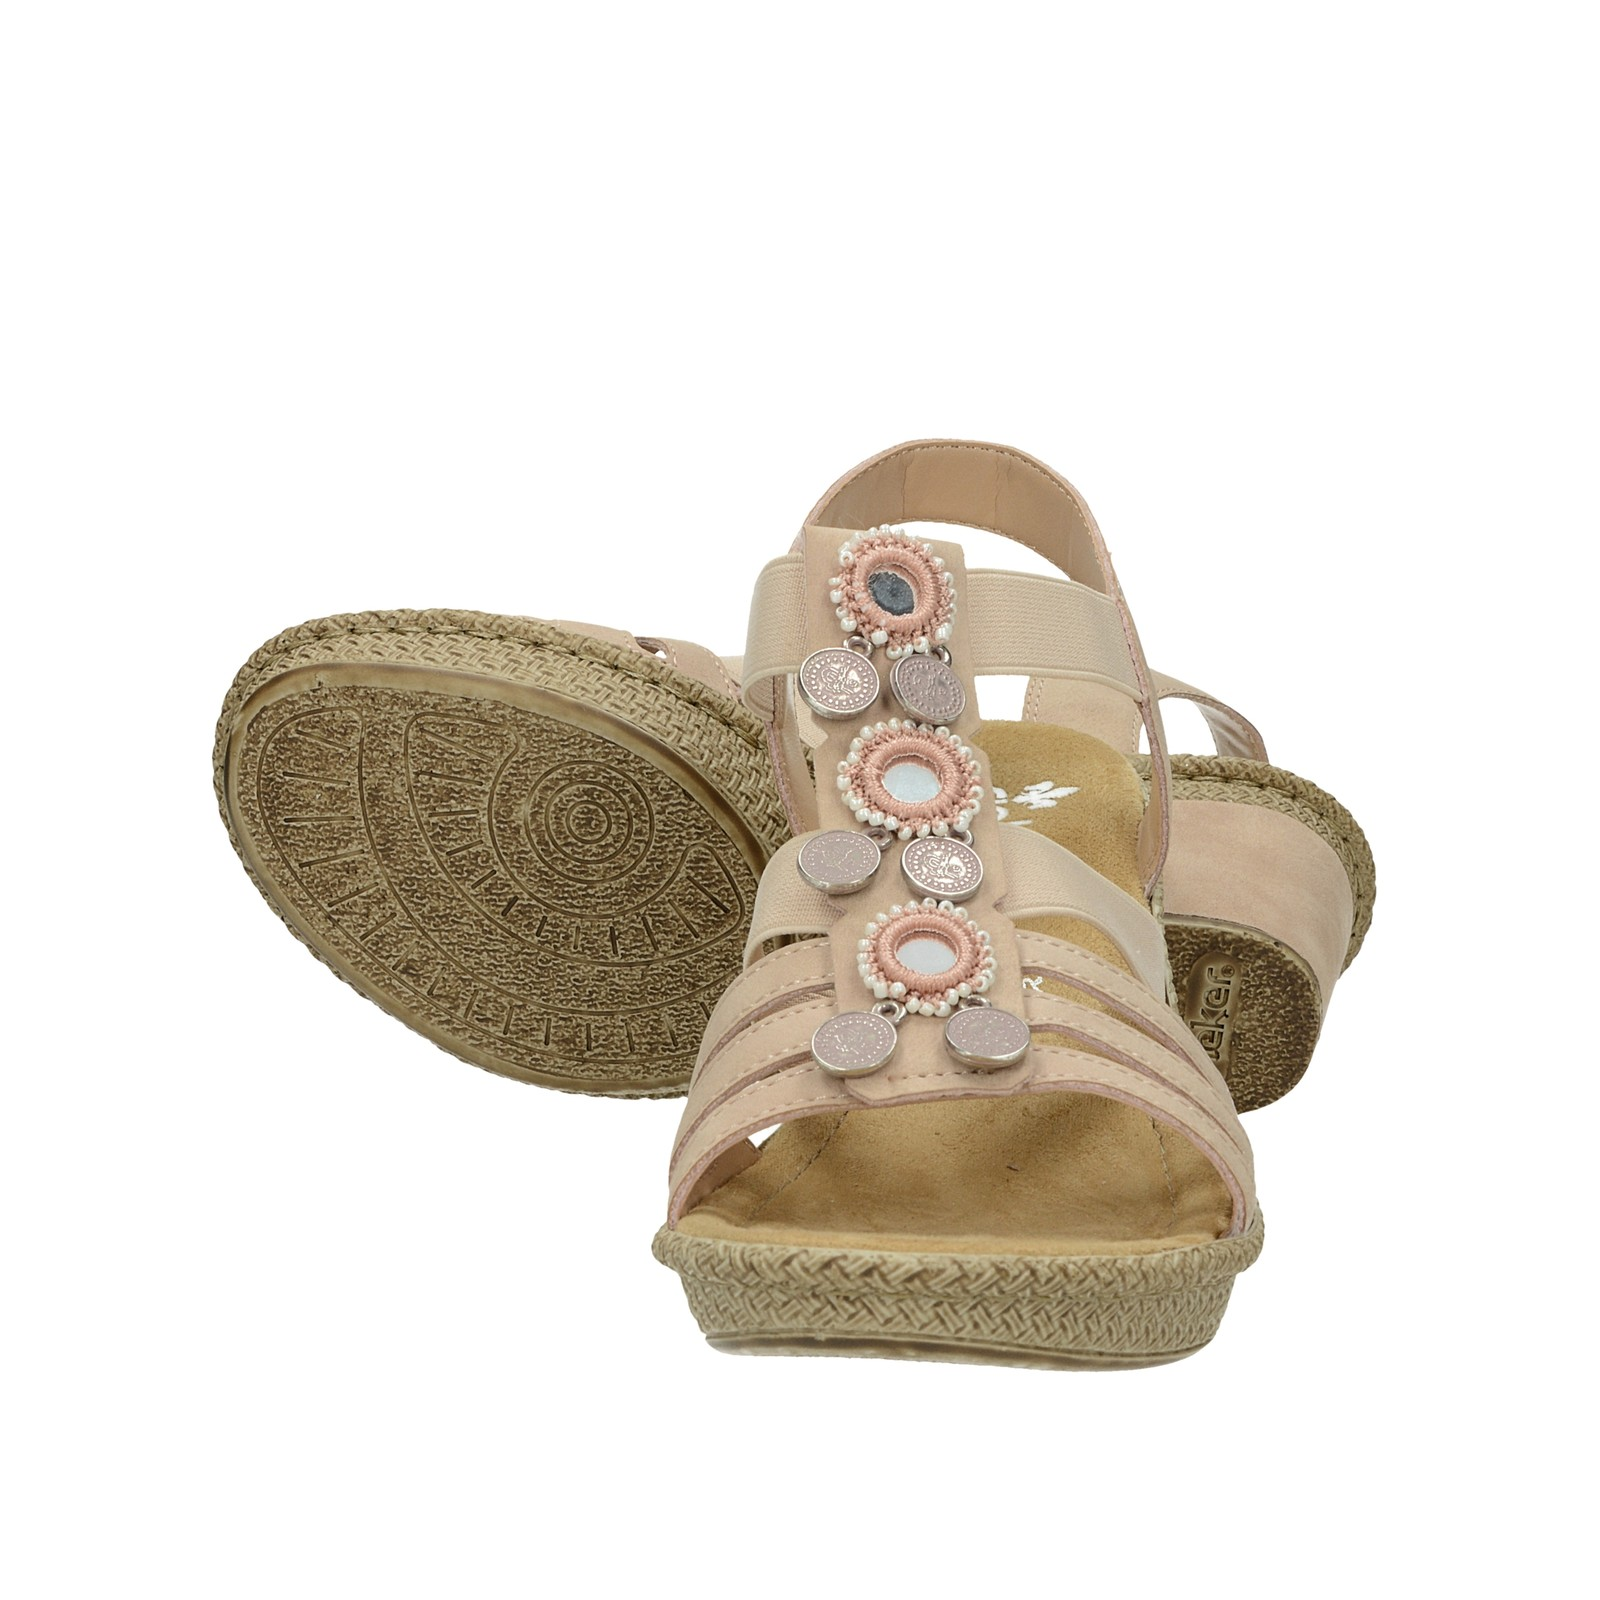 e578122e2c76 ... Rieker dámské stylové sandály s ozdobnými prvky - růžové ...